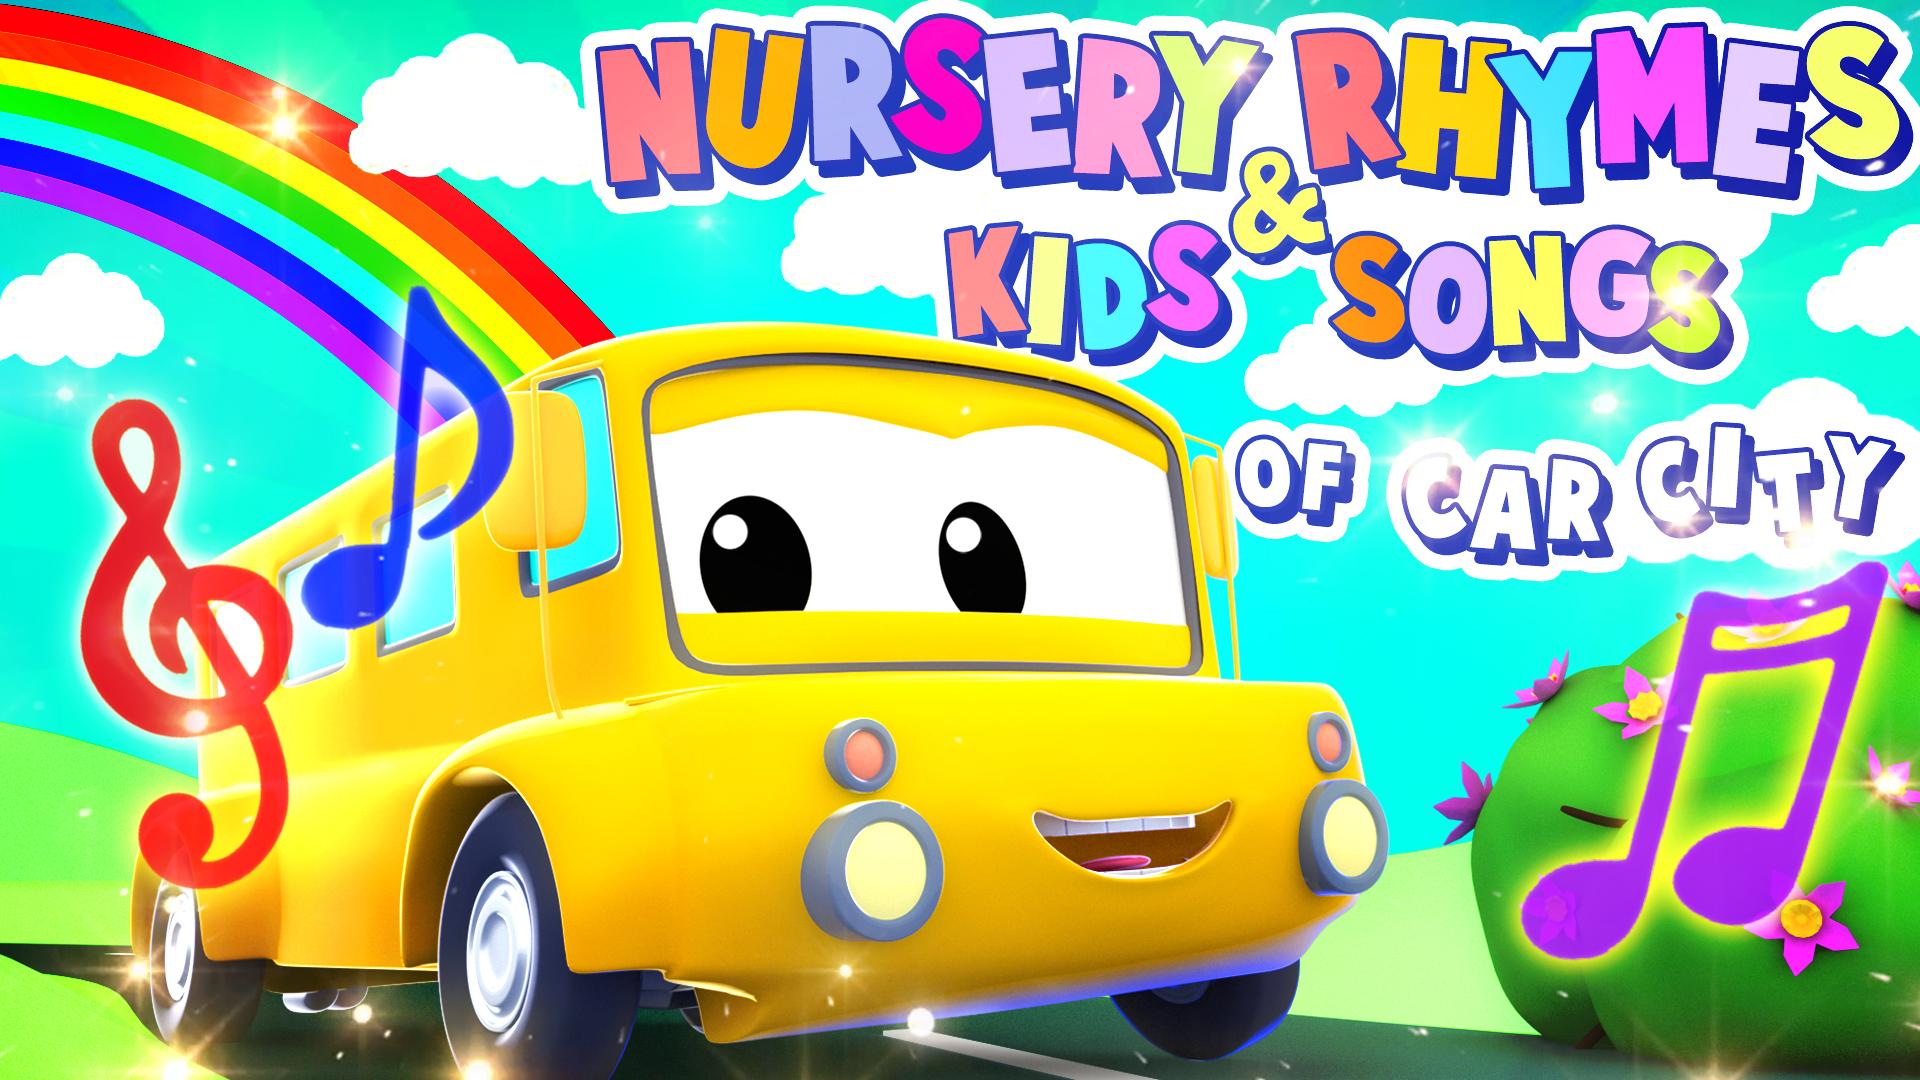 Nursery Rhymes & Kids Songs of Car City on Amazon Prime Video UK